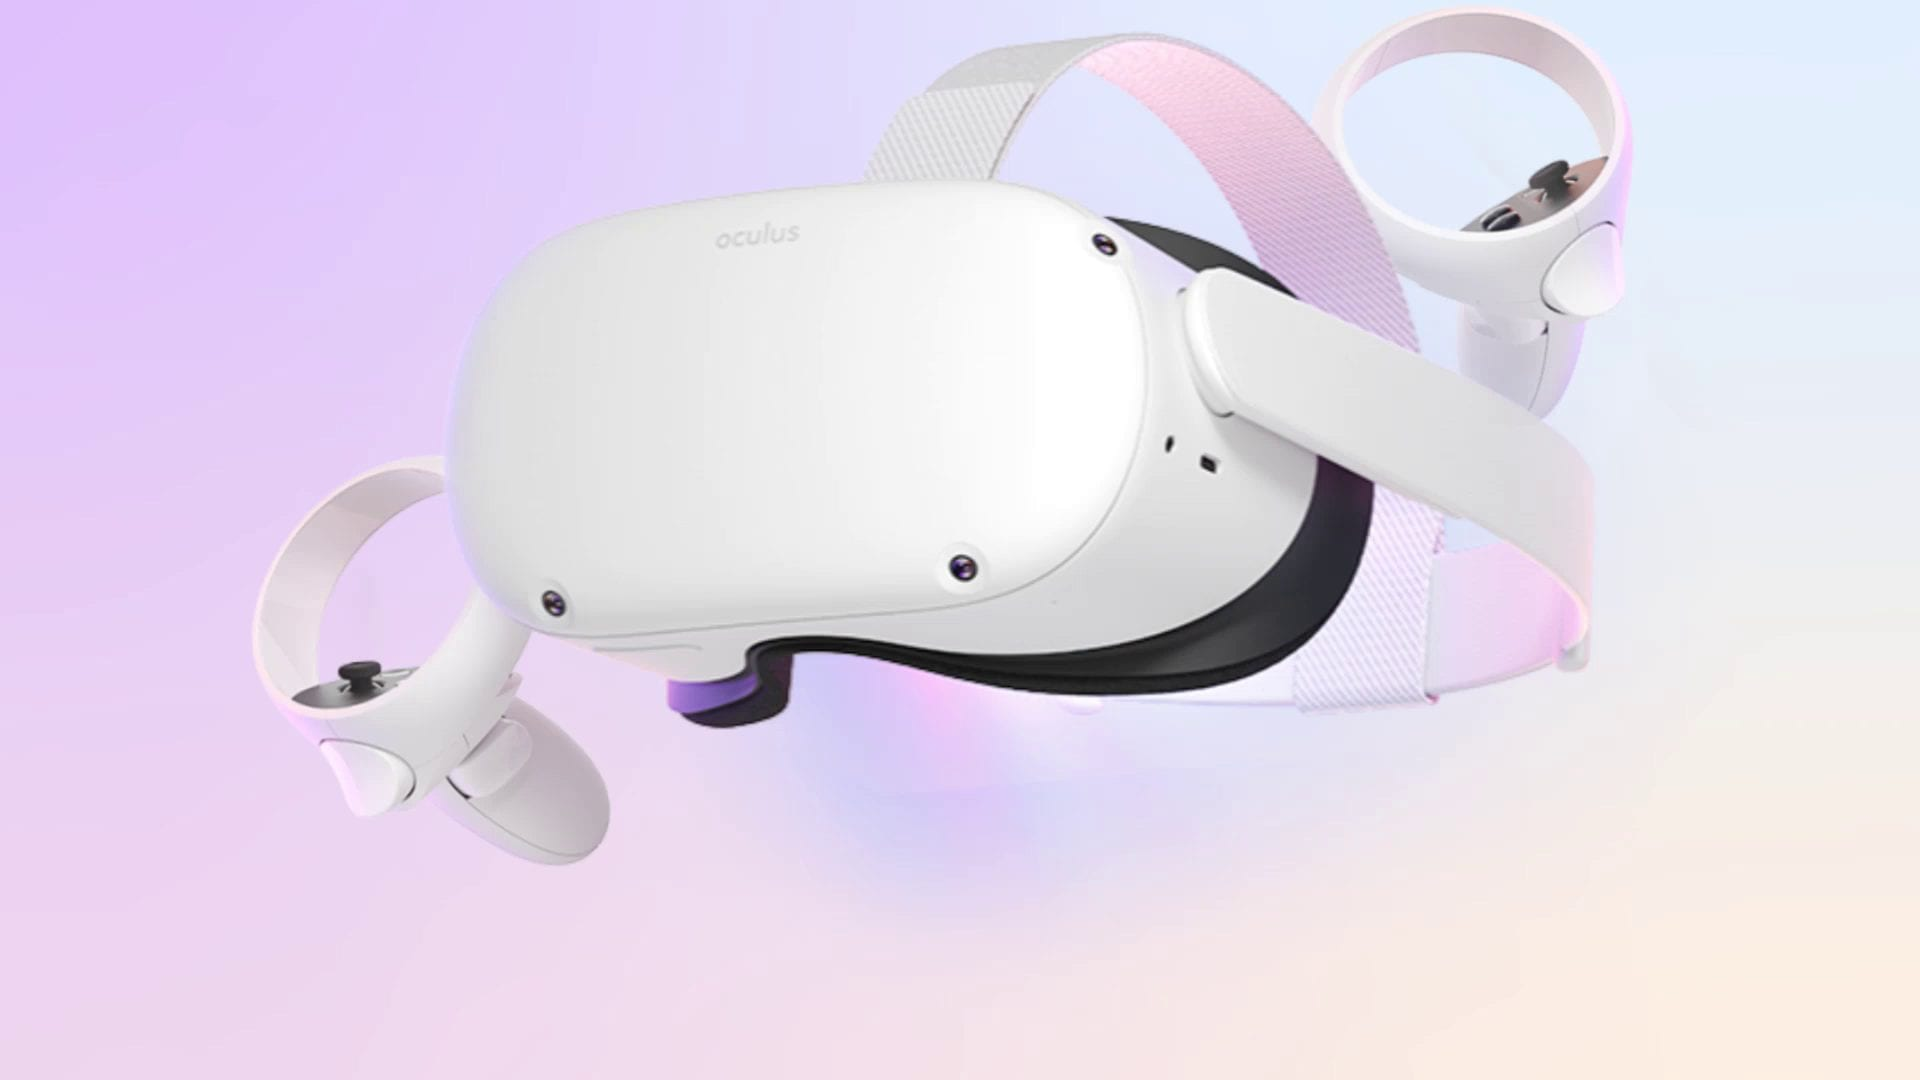 Oculus Quest 3 potrebbe già essere in arrivo secondo Zuckerberg